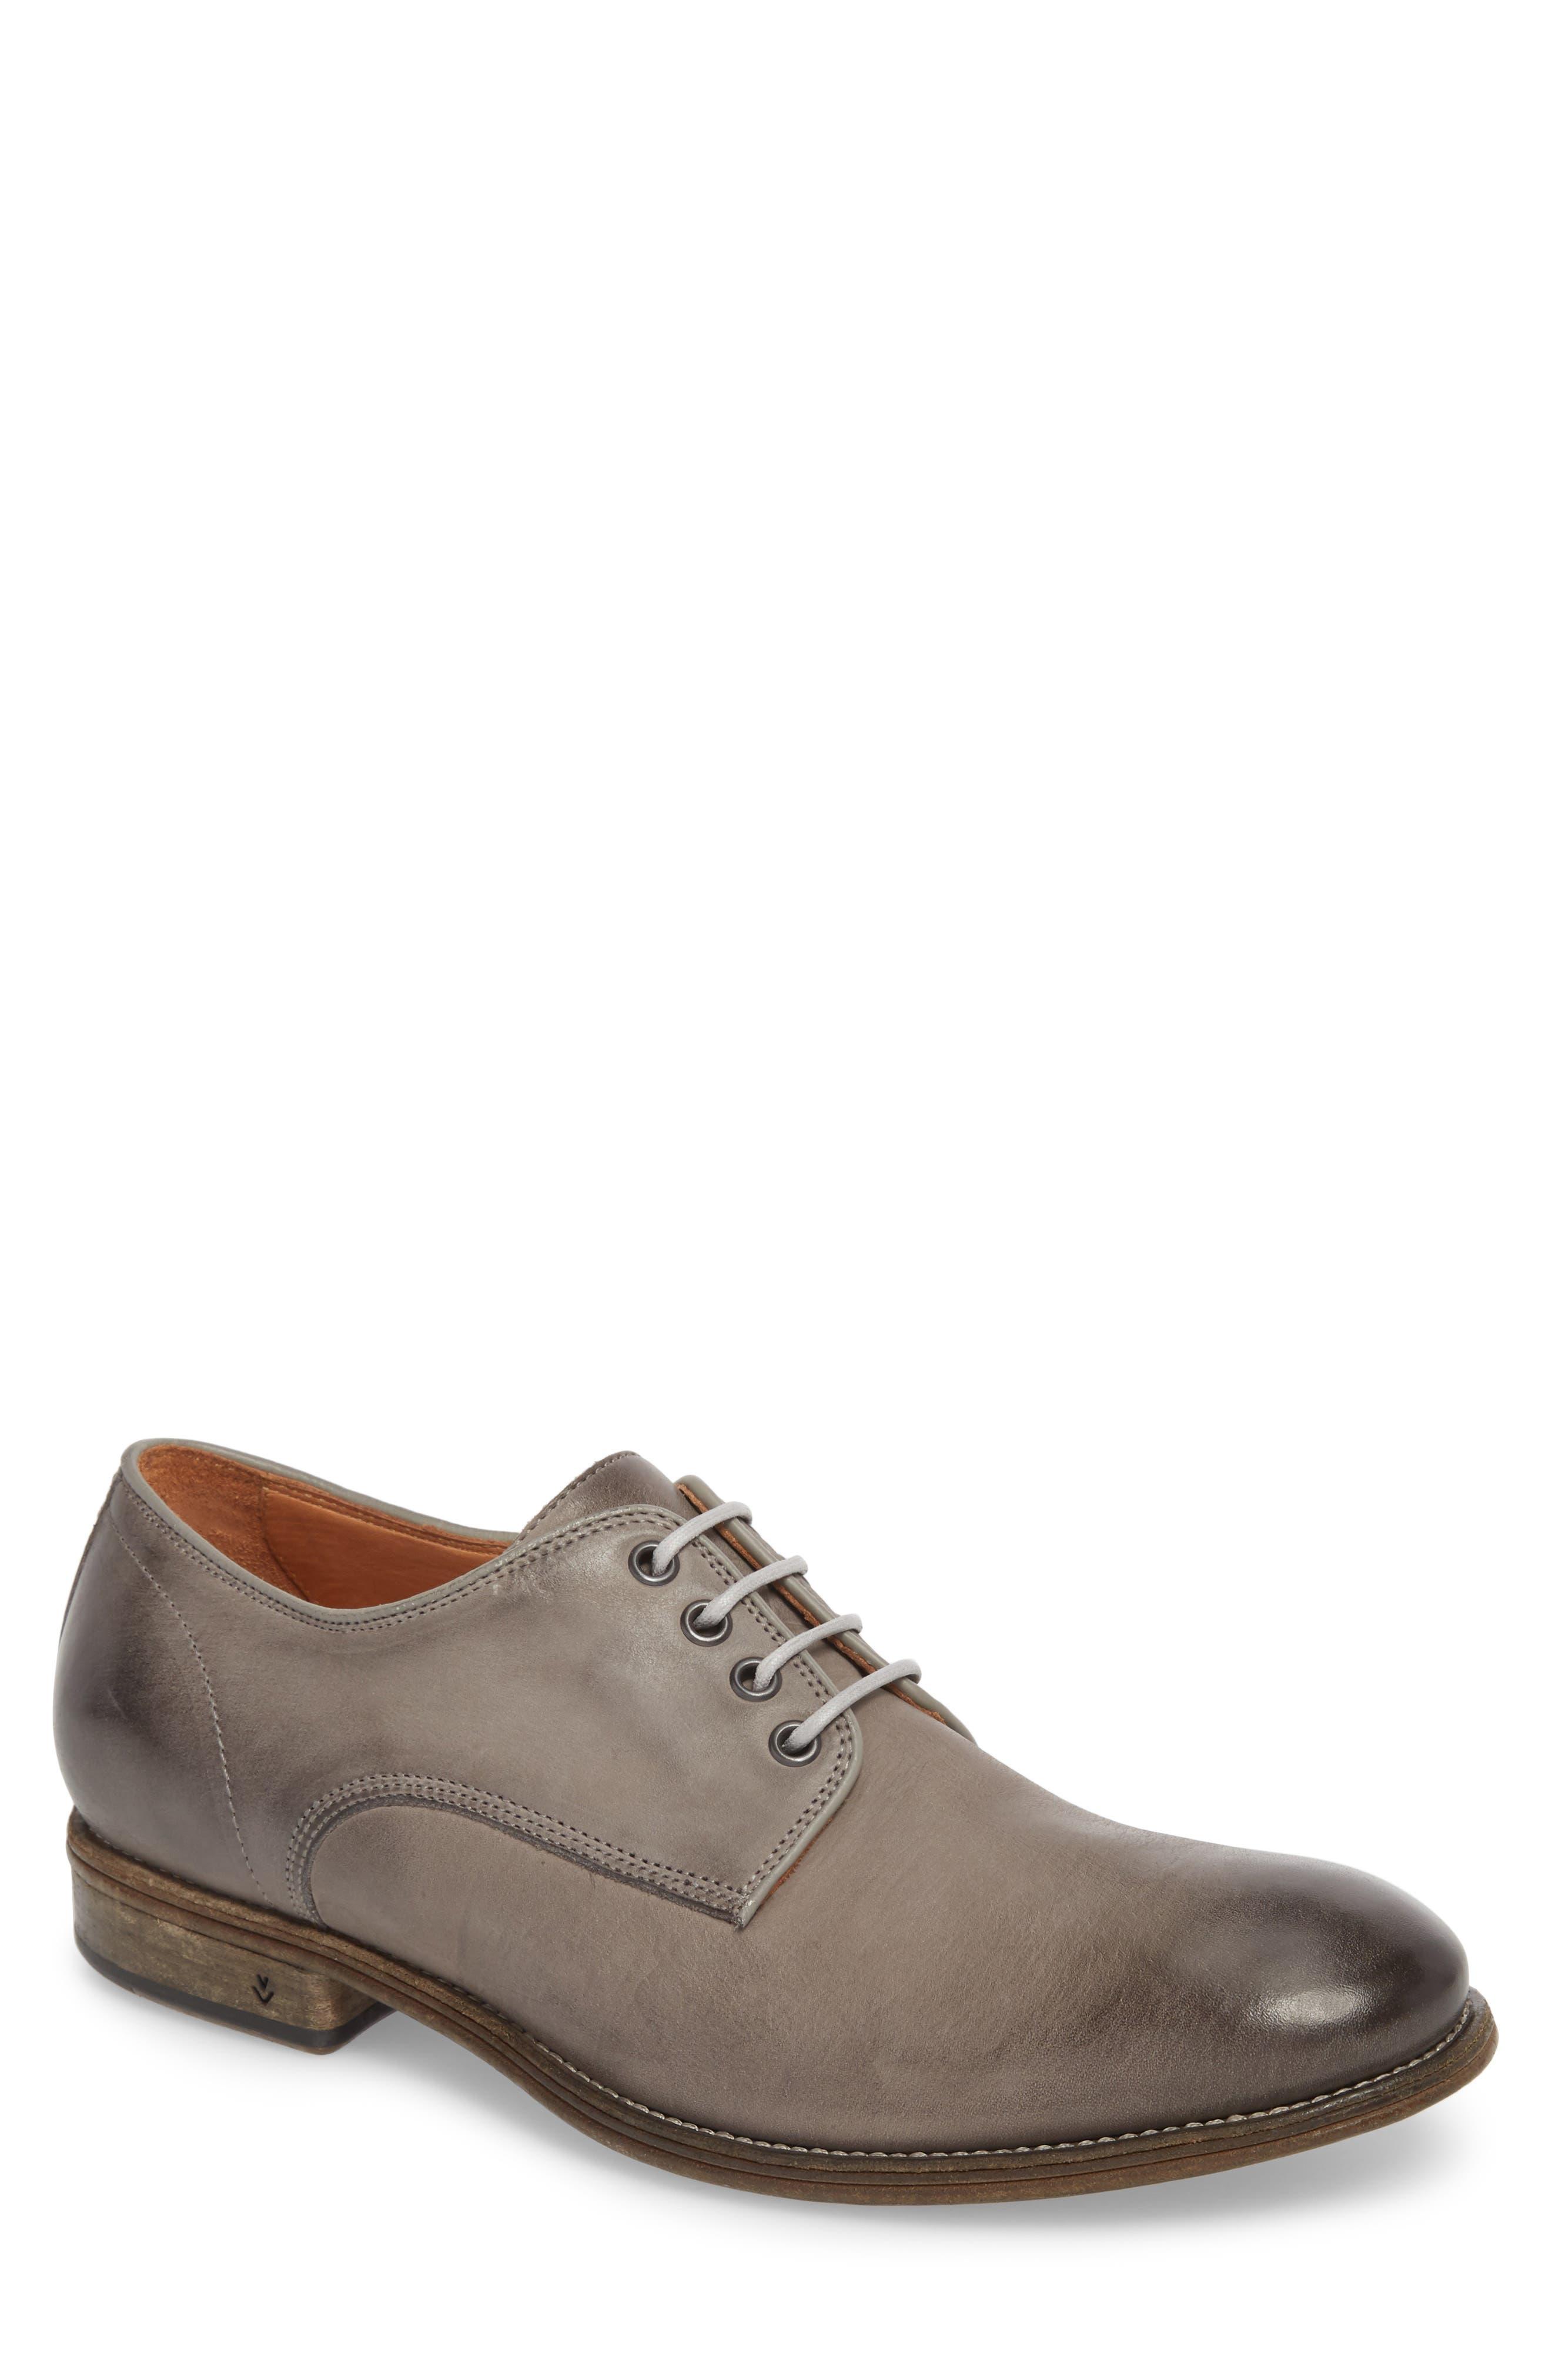 John Varvatos Stanton Plain Toe Derby,                             Main thumbnail 1, color,                             Ash Leather